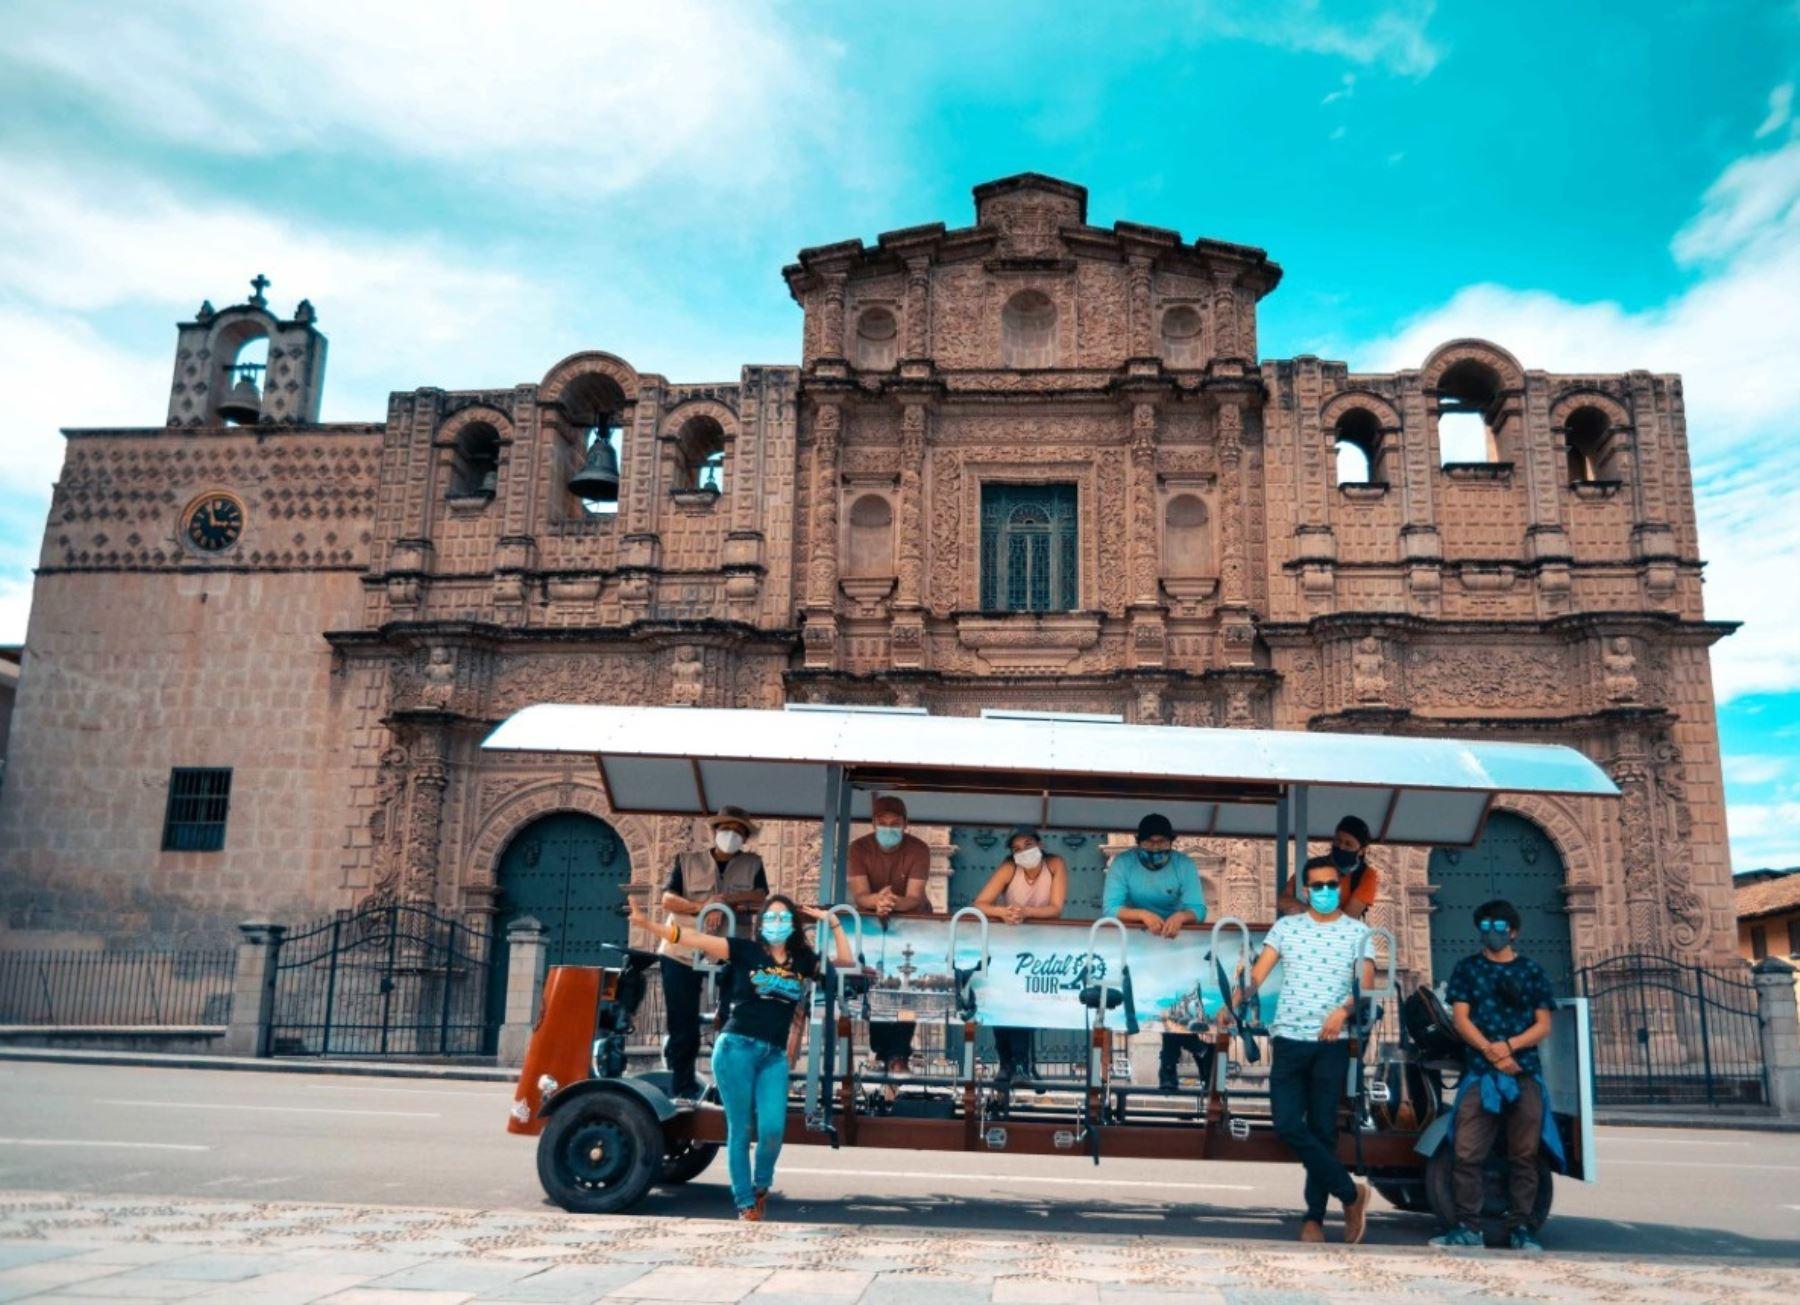 cajamarca-conoce-pedal-tour-el-innovador-proyecto-ganador-de-turismo-emprende